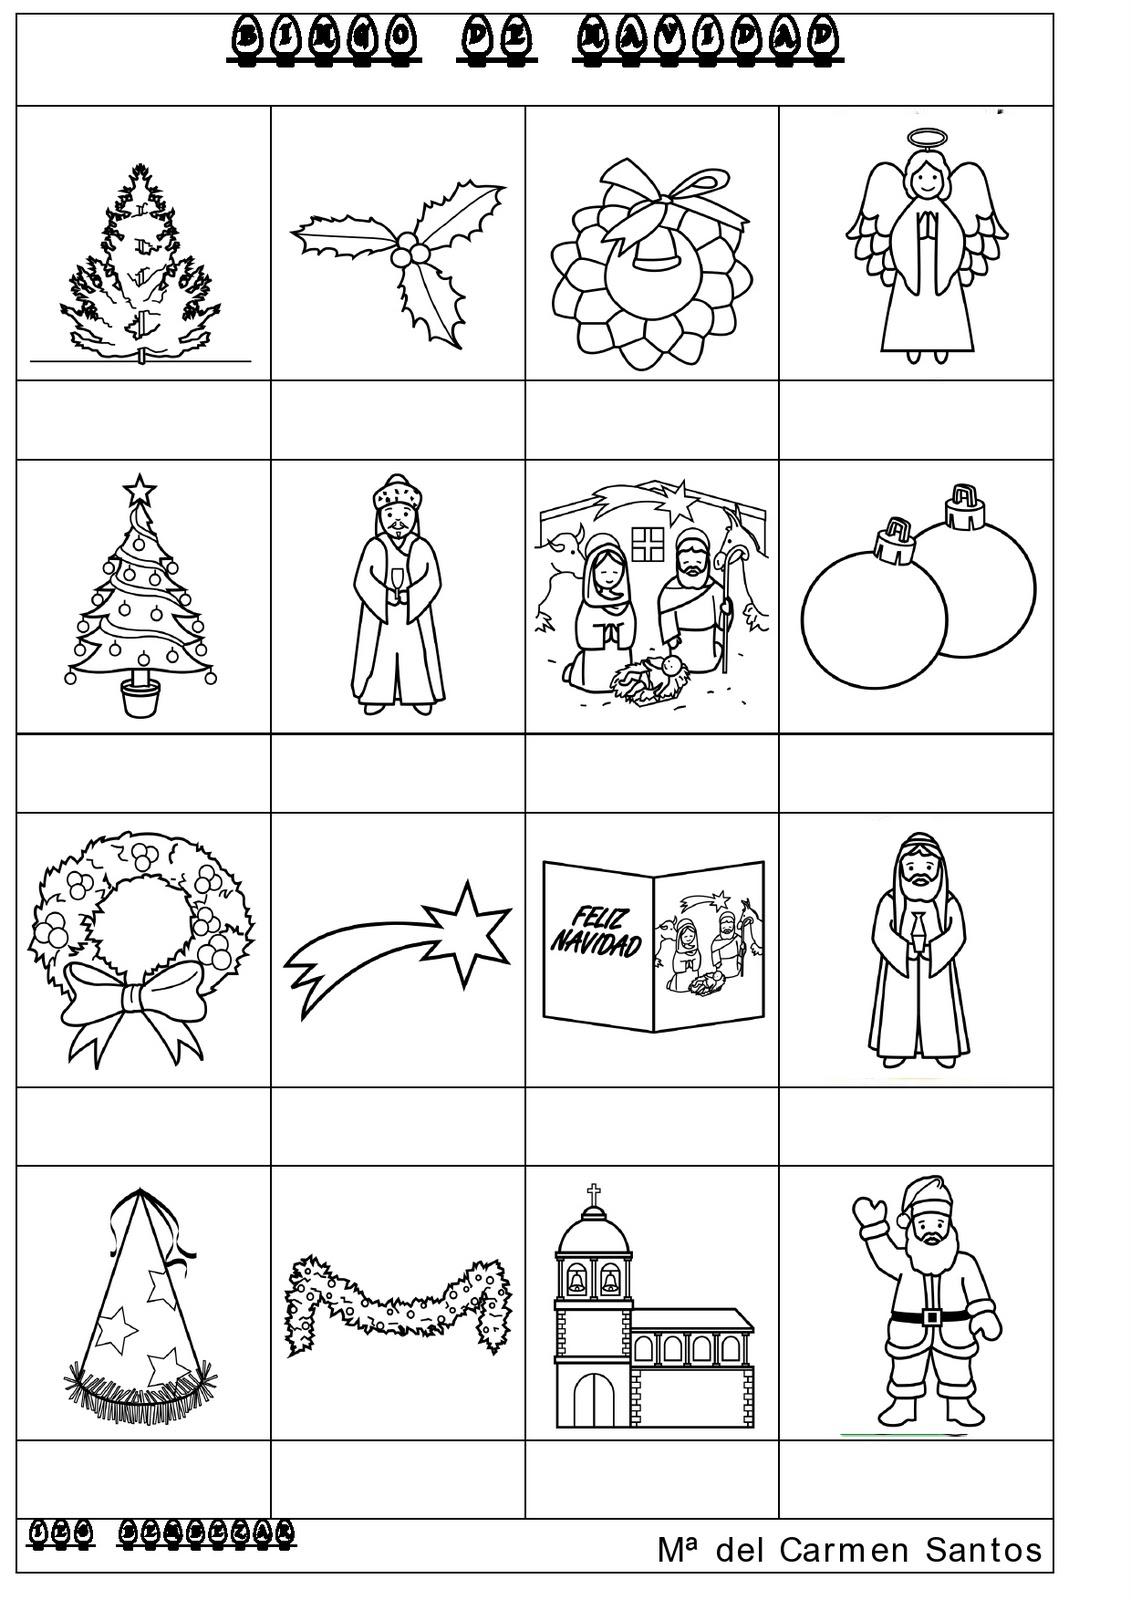 Magnífico Colorear Bingo Para Colorear Festooning - Dibujos Para ...